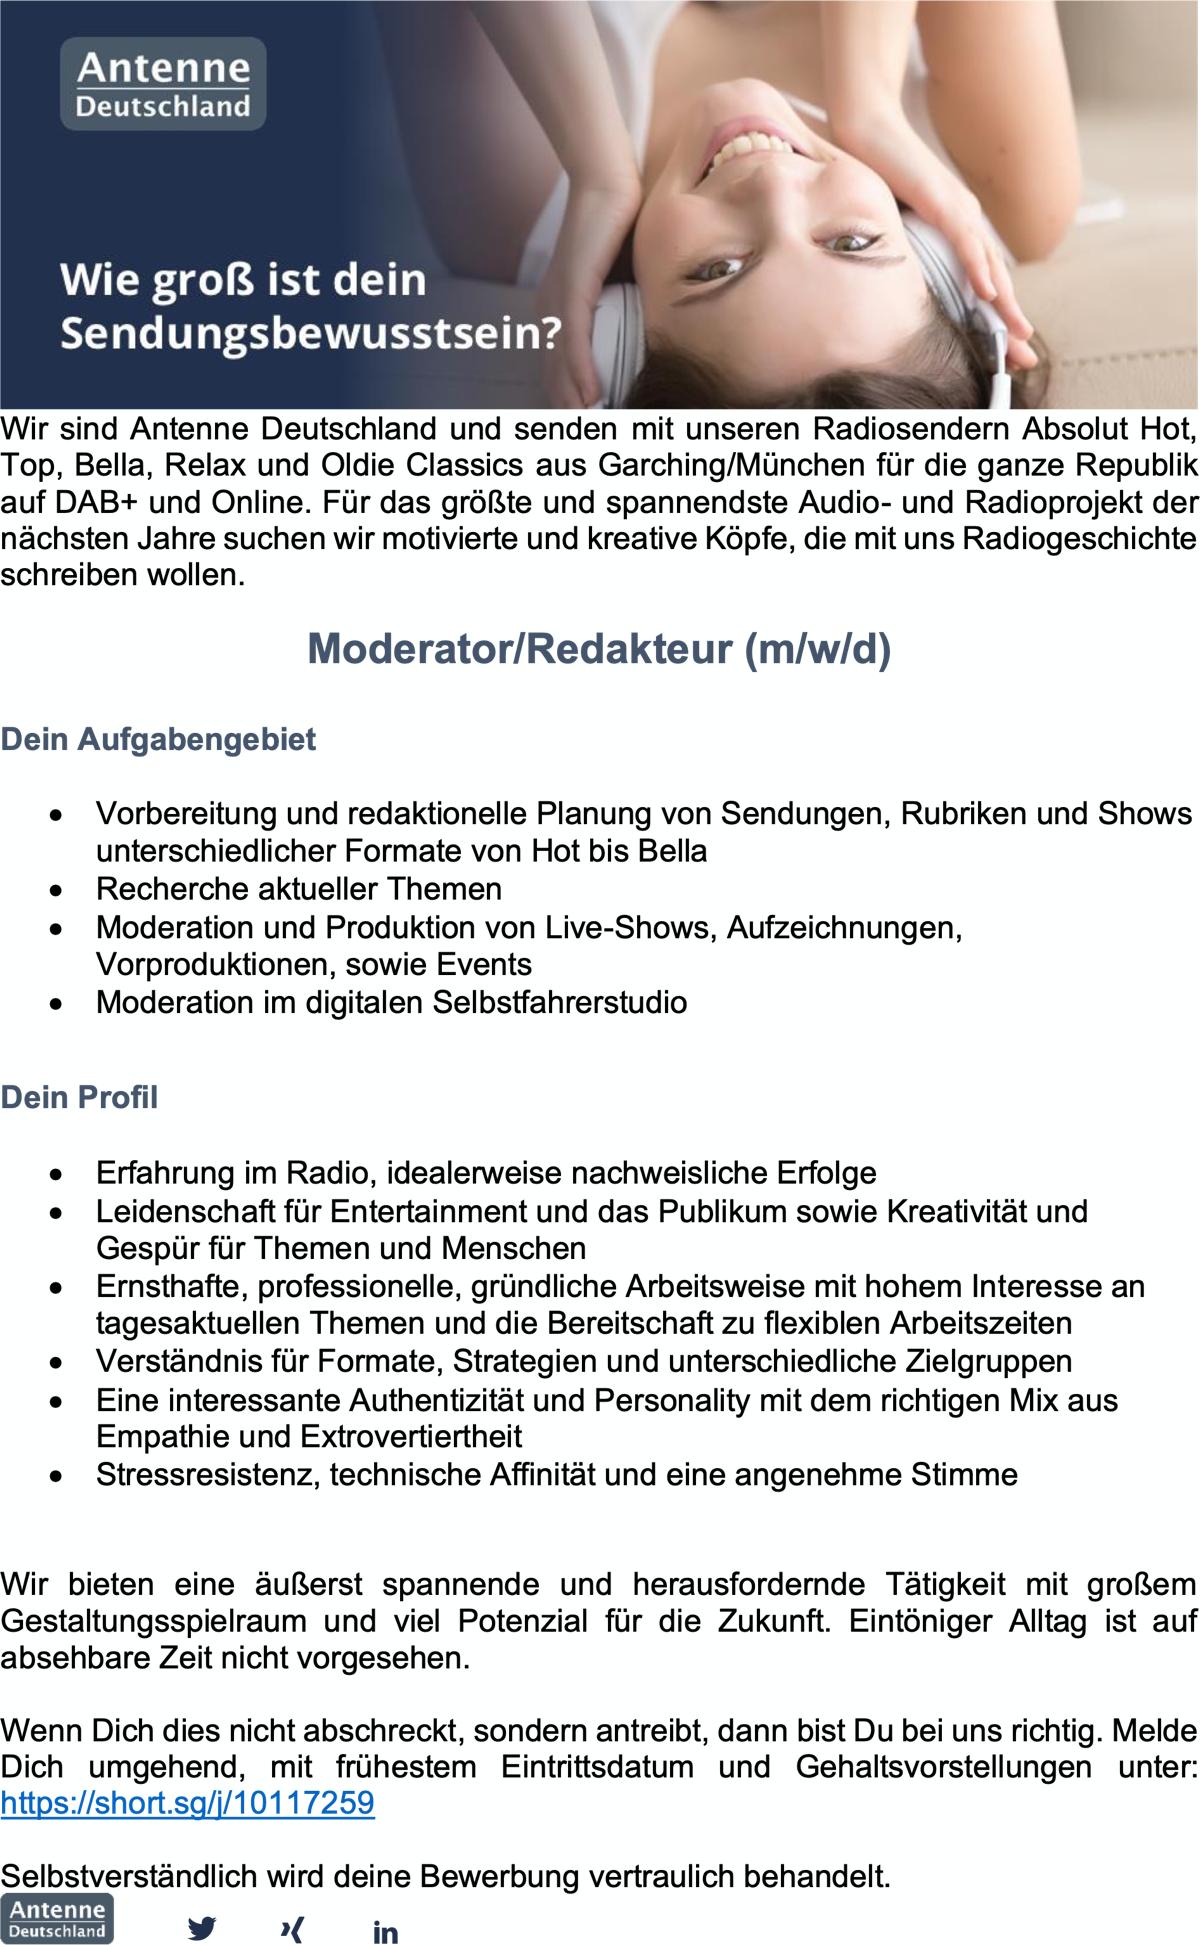 Antenne Deutschland sucht Moderator/Redakteur (m/w/d)